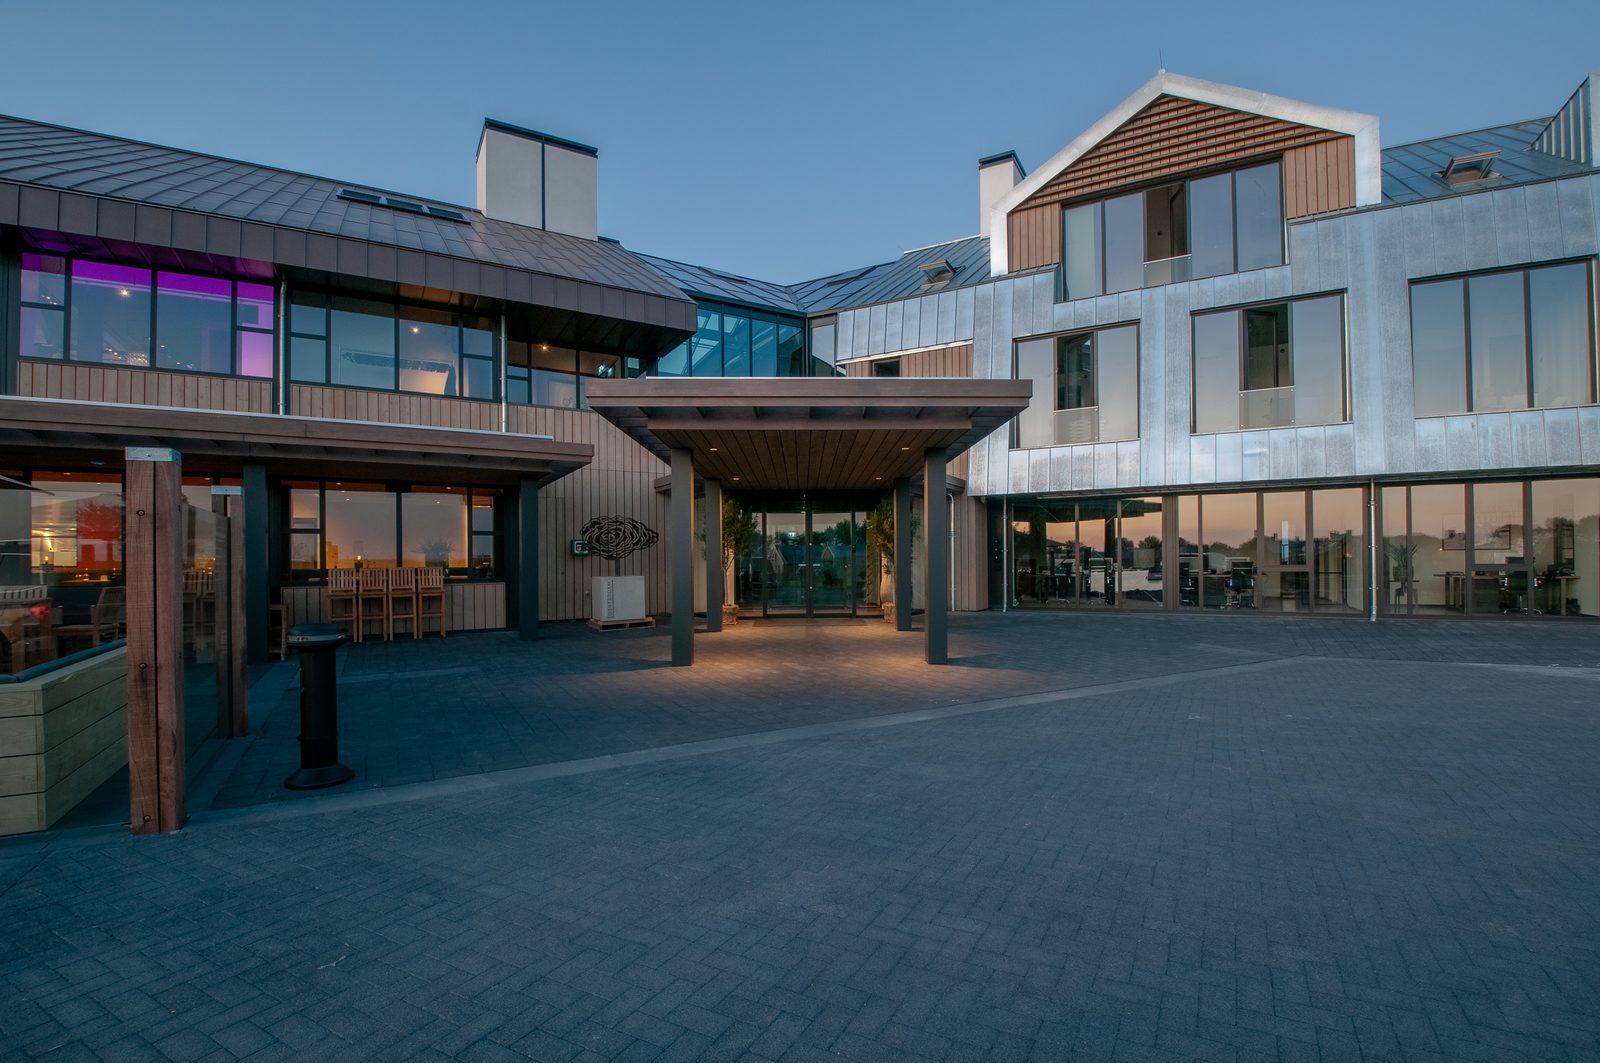 Familienhotel Zeeland